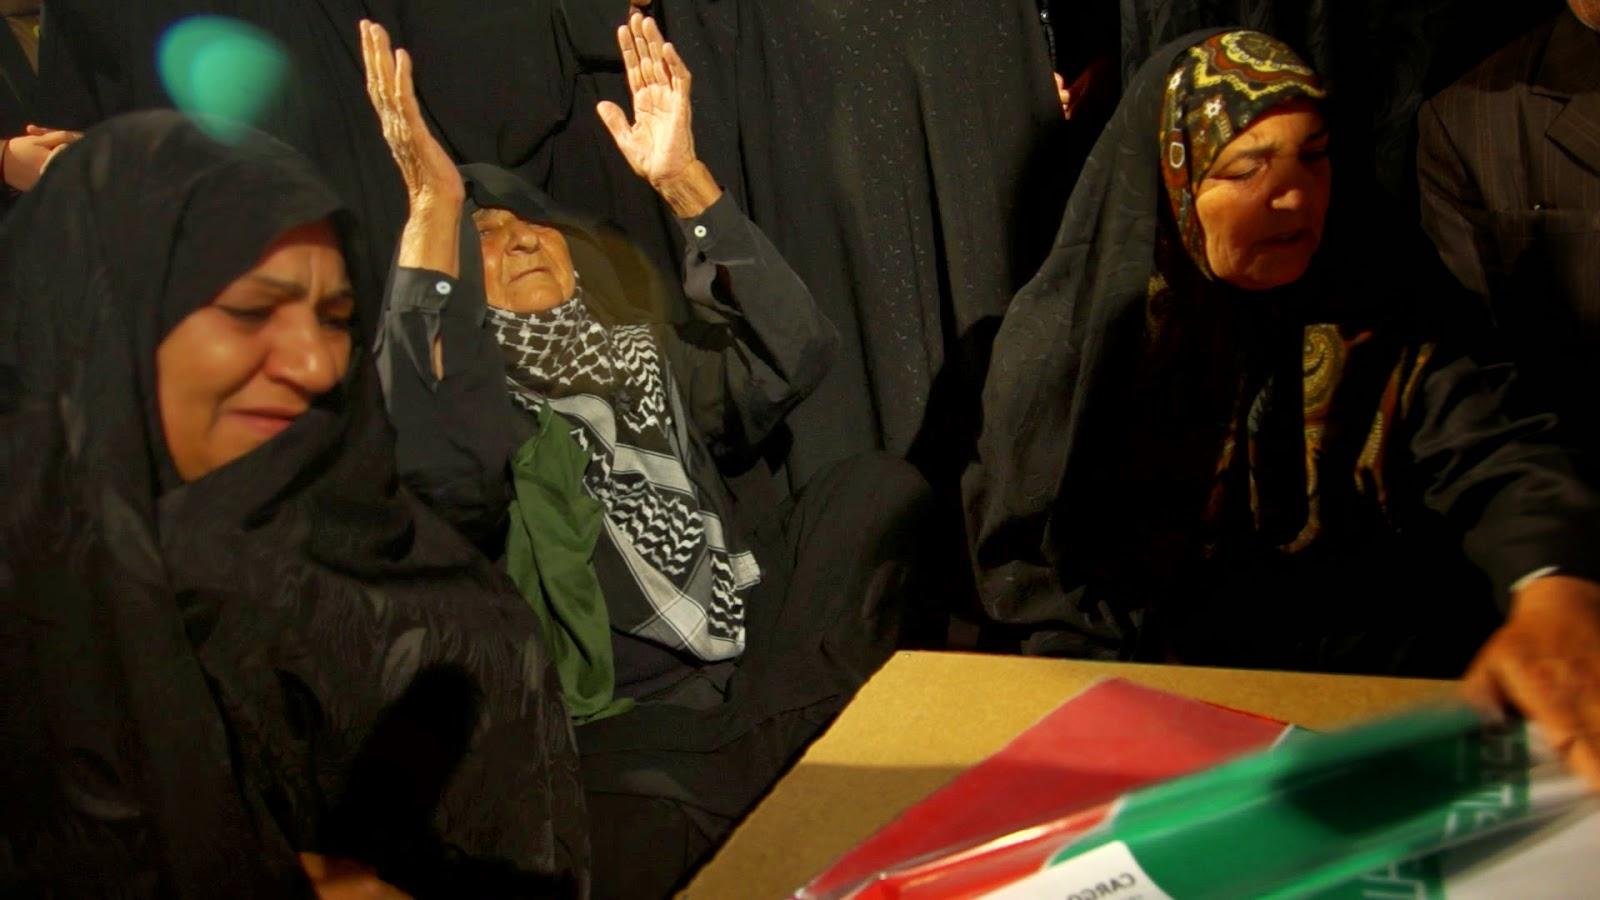 دیدار مادر شهید علیزاده بعد بیست وهفت سال با فرزنش